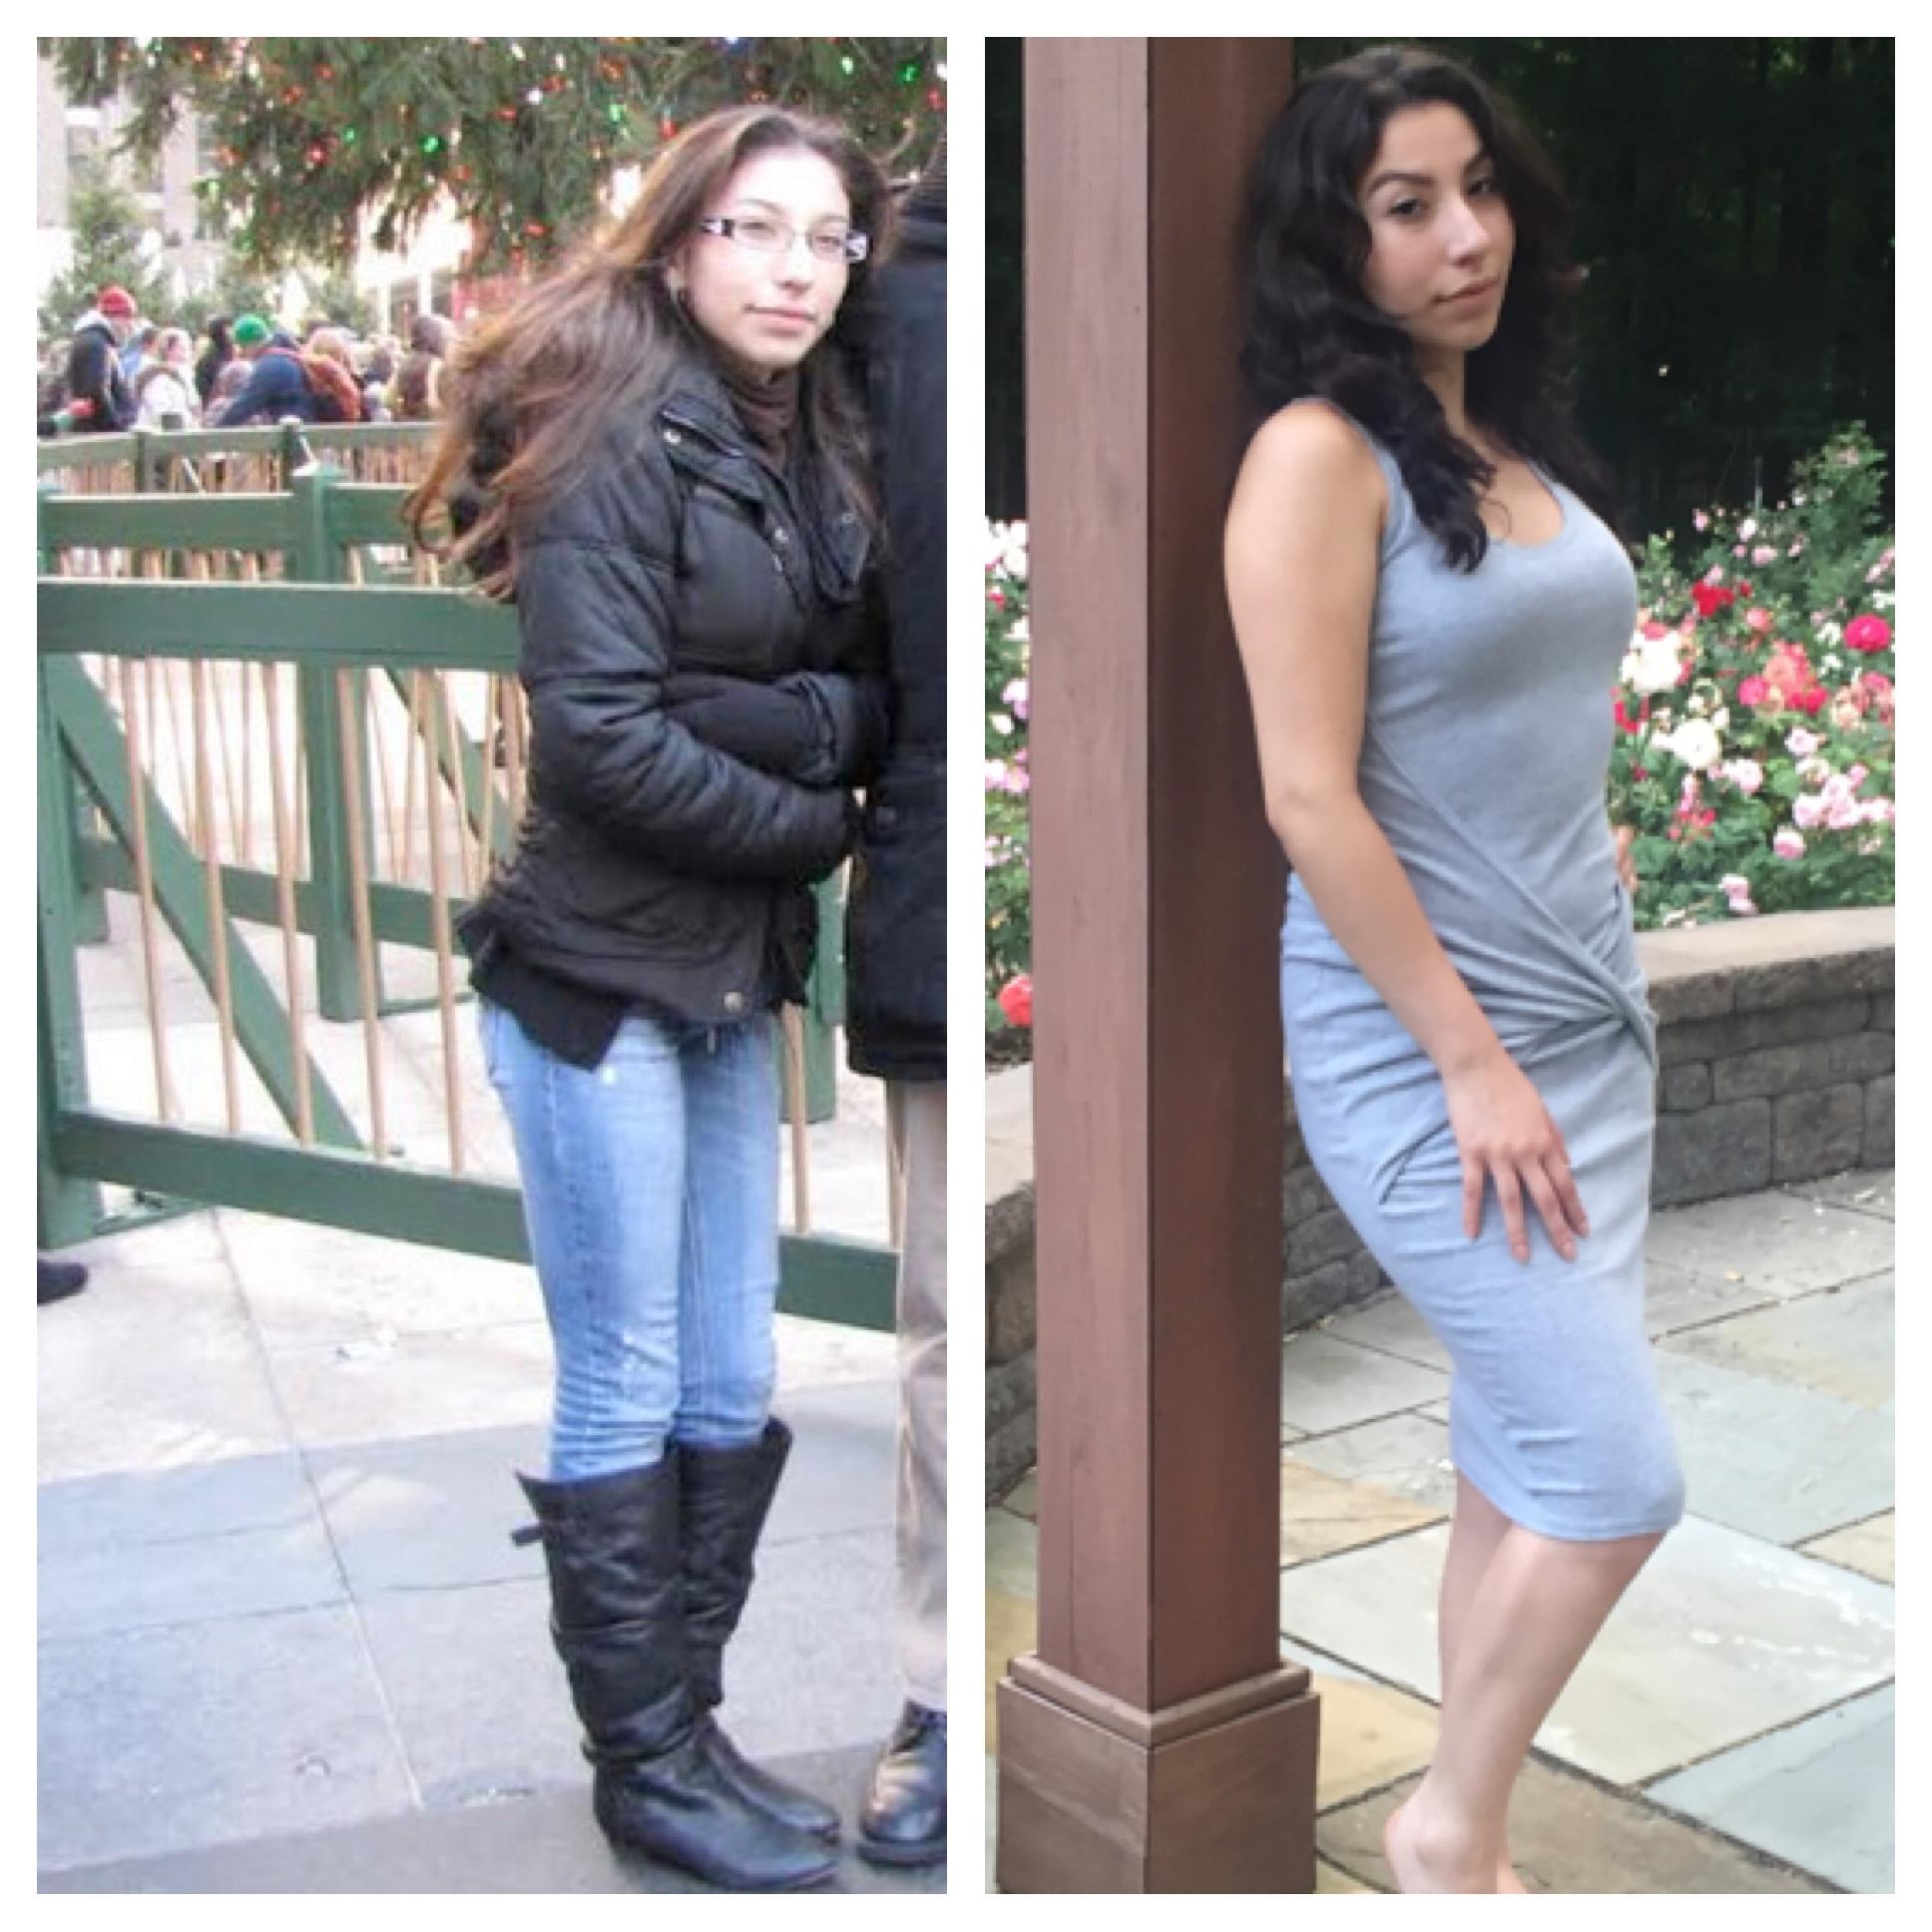 Skinny vs. Fat